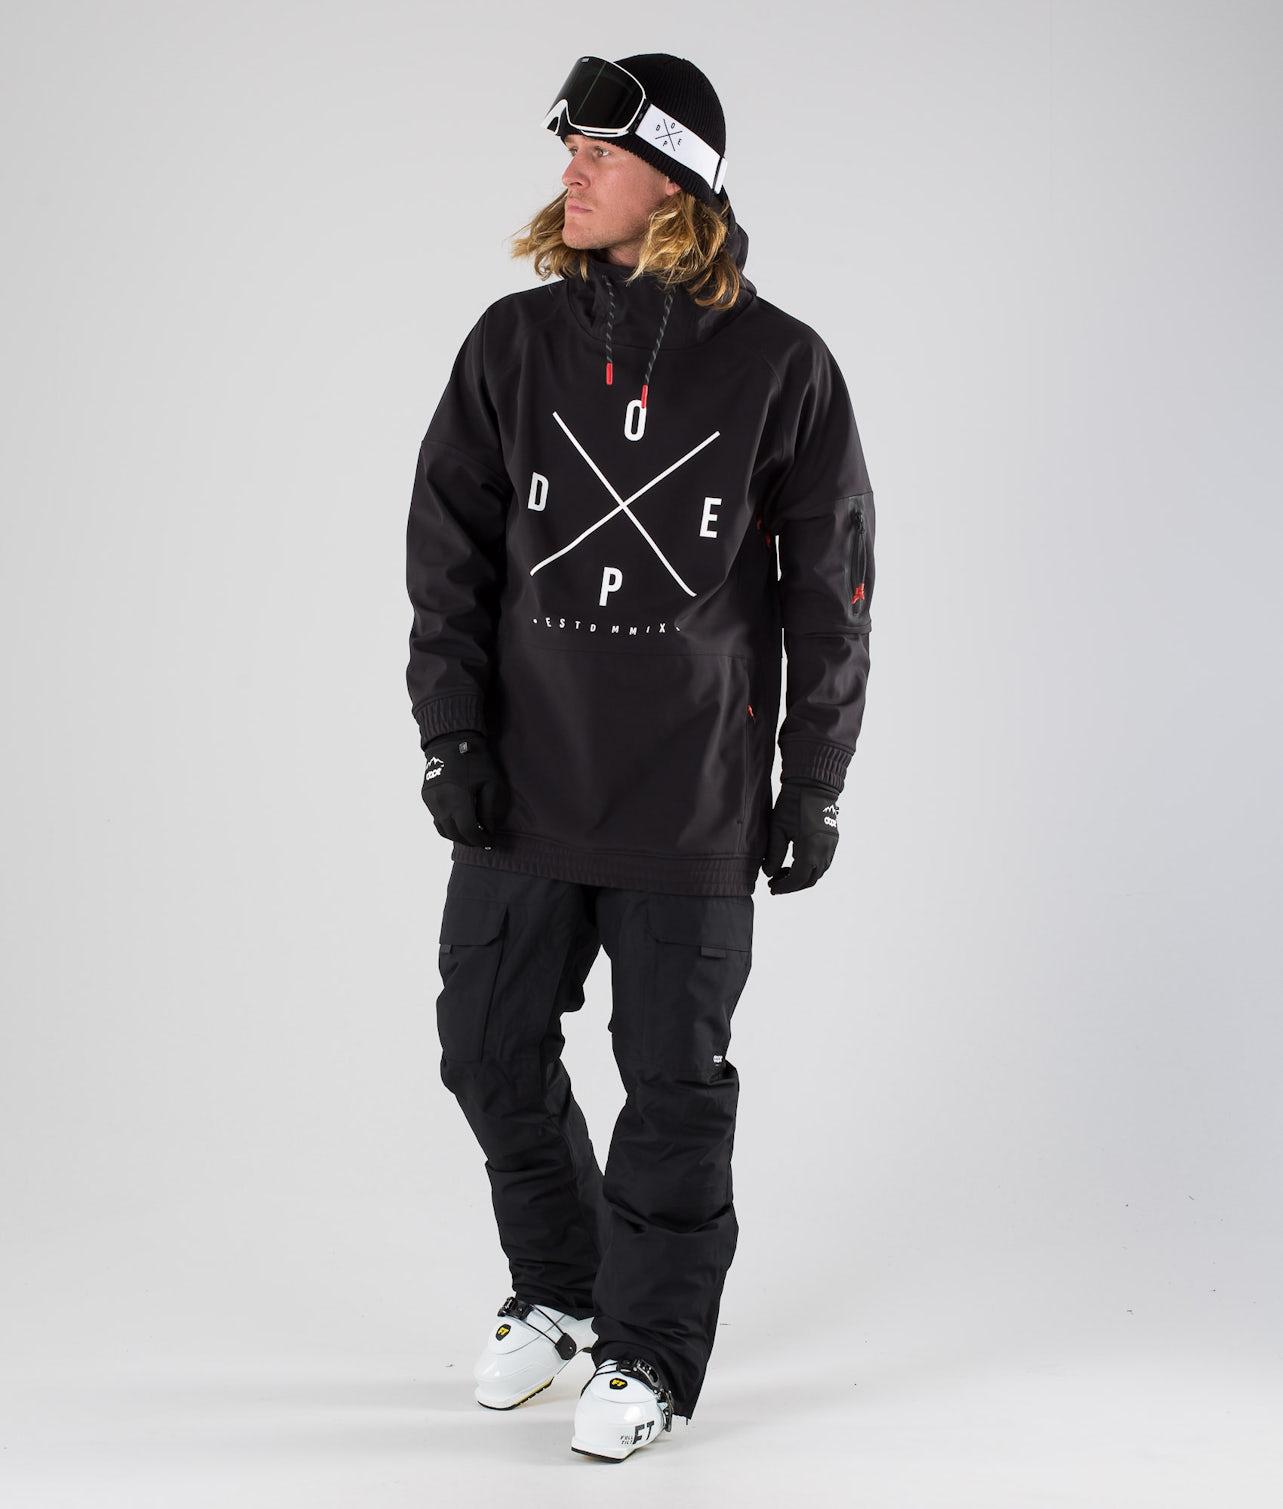 Kjøp Rambler MTE Skijakke fra Dope på Ridestore.no - Hos oss har du alltid fri frakt, fri retur og 30 dagers åpent kjøp!